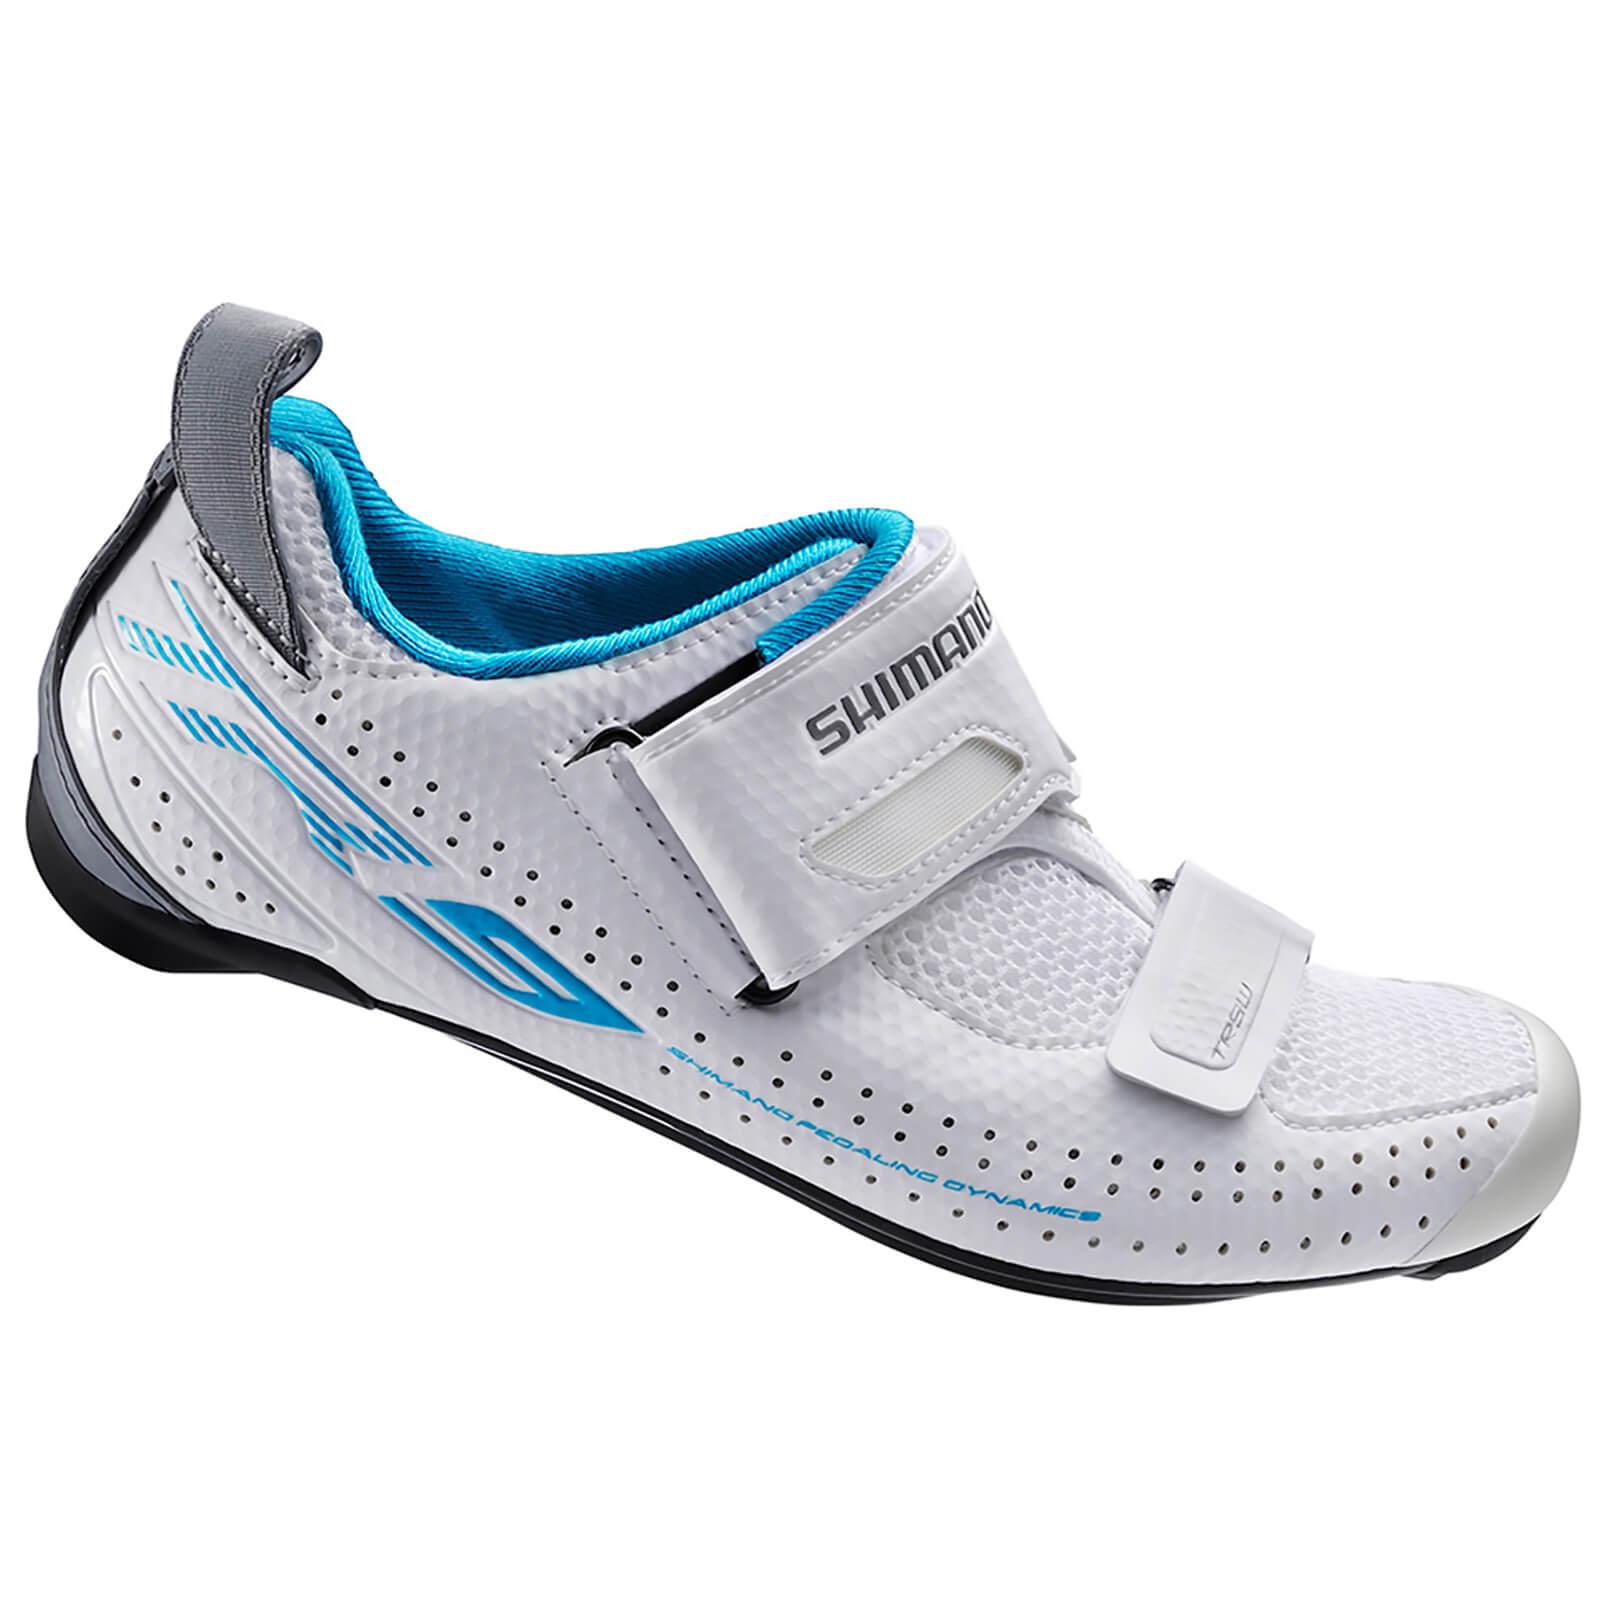 Shimano TR9W SPD-SL Cycling Shoes - White - EUR 37 - White